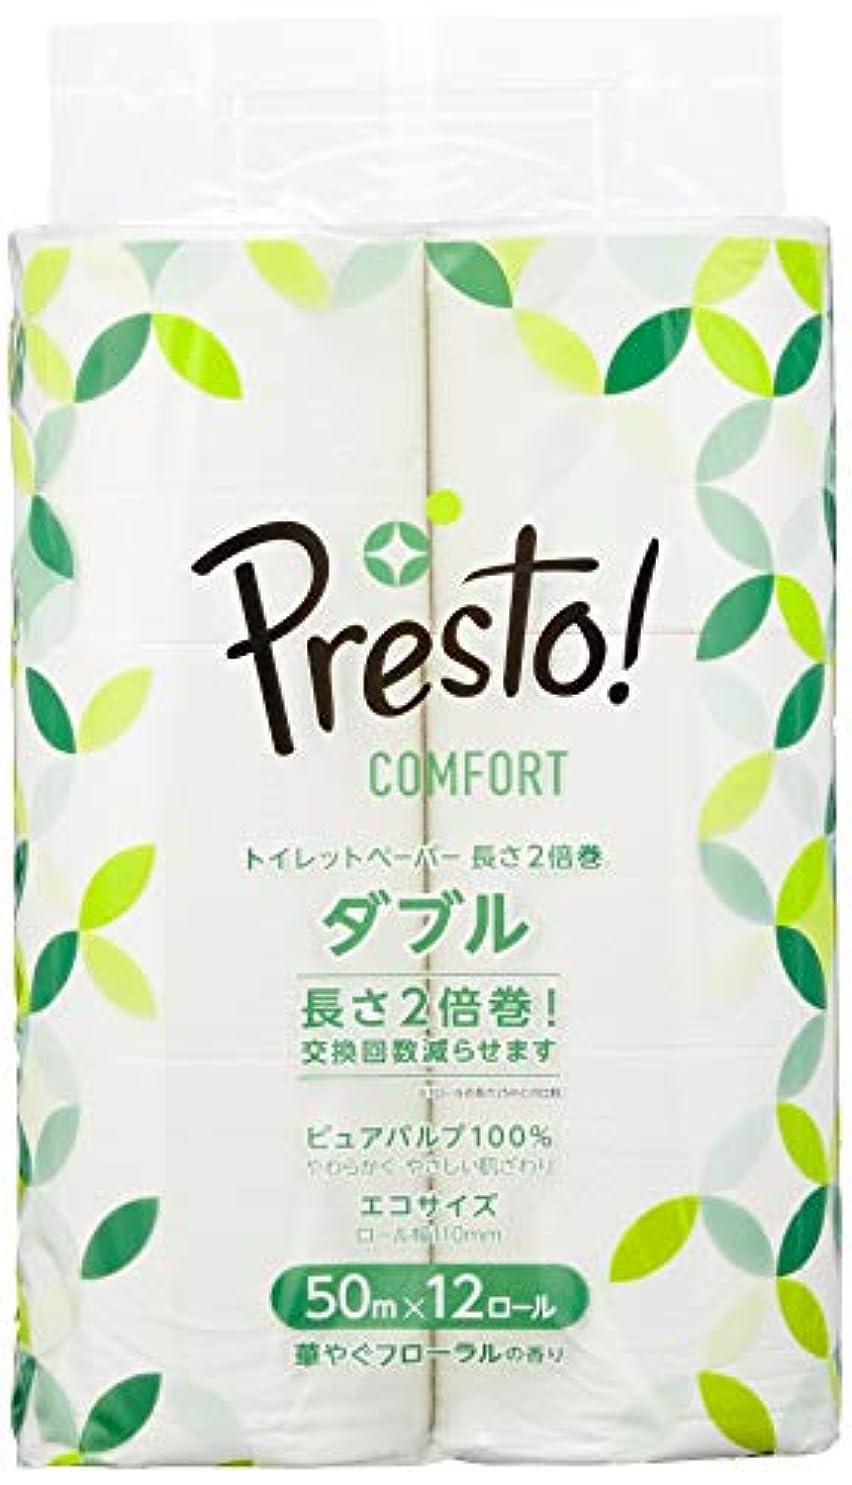 再びリクルート中で[Amazonブランド]Presto! Comfort トイレットペーパー 長さ2倍巻50m x 12ロール ダブル (12ロールで24ロール分)